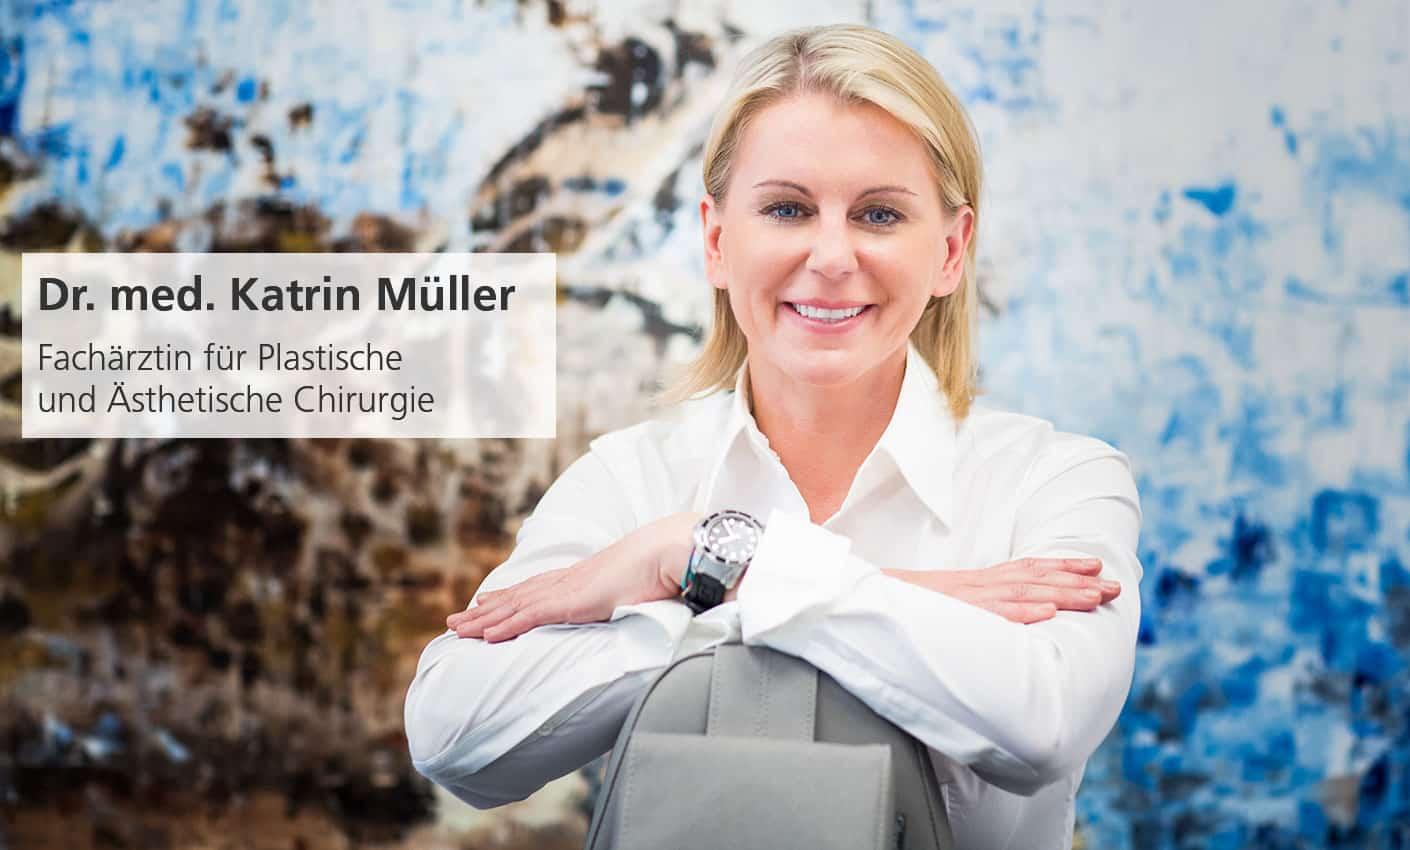 Dr. med. Katrin Müller ist Fachärztin für Plastische und Ästhetische Chirurgie in Hannover